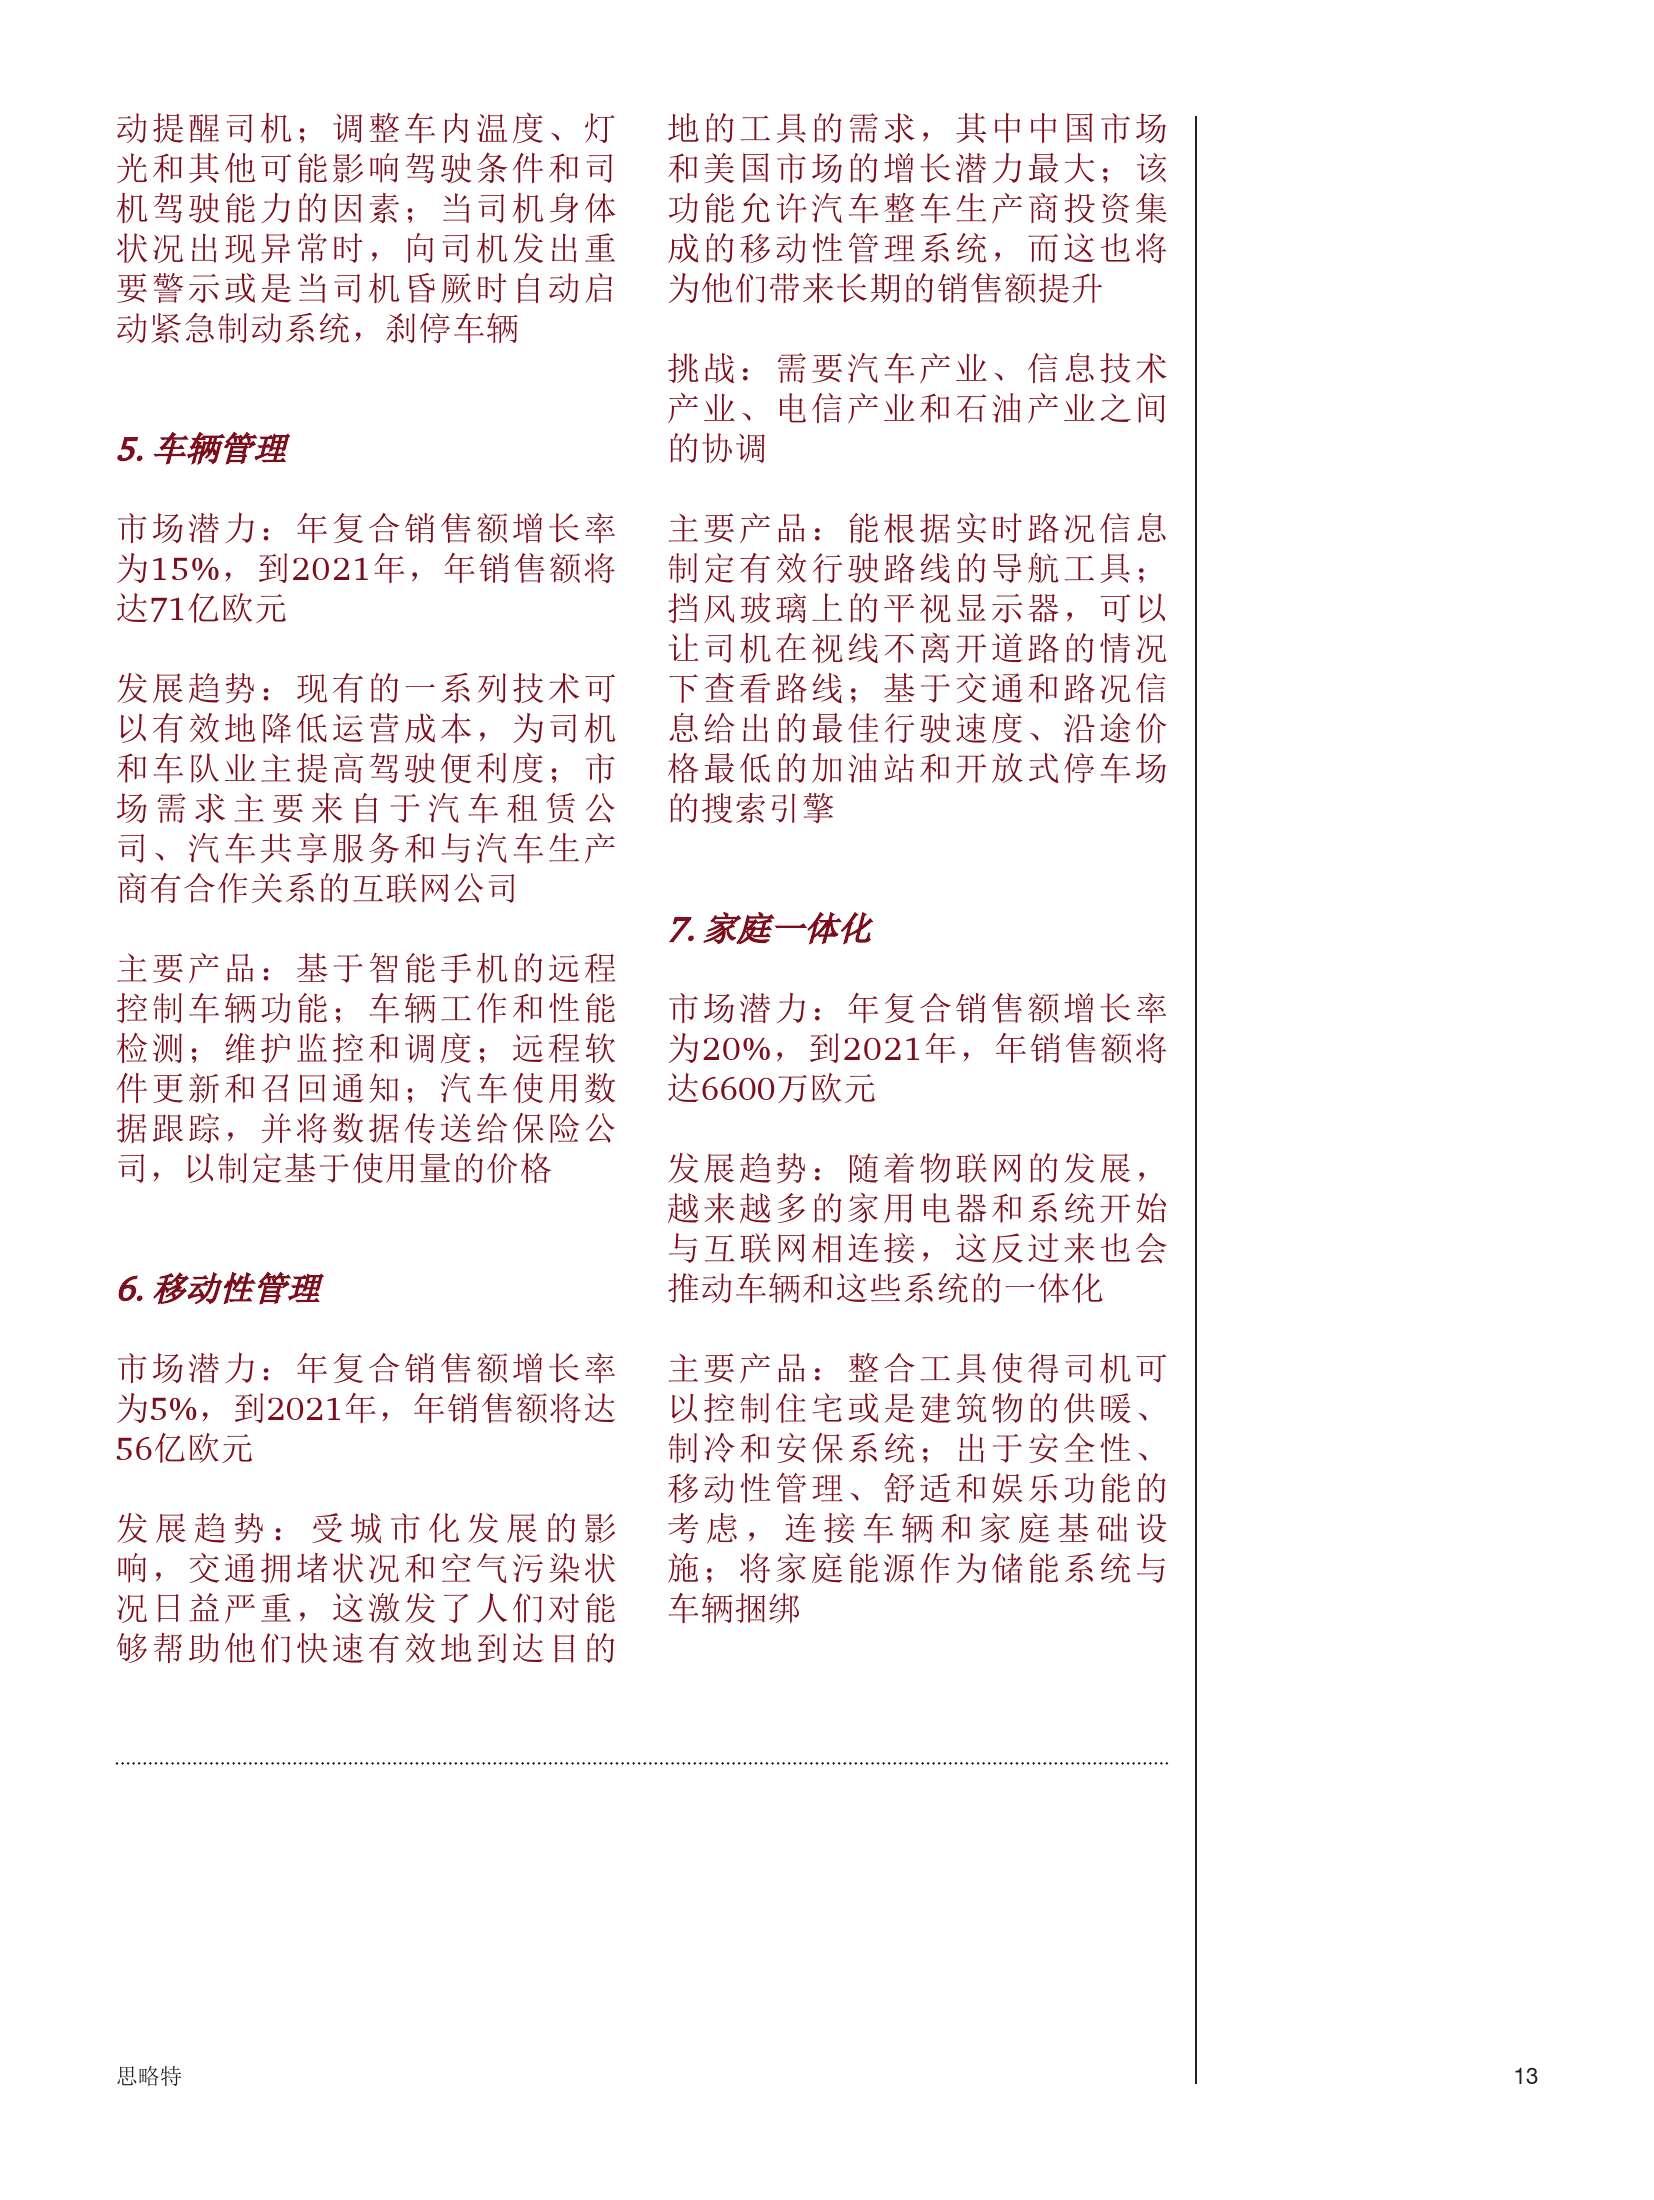 2015智能网联汽车调查_000013